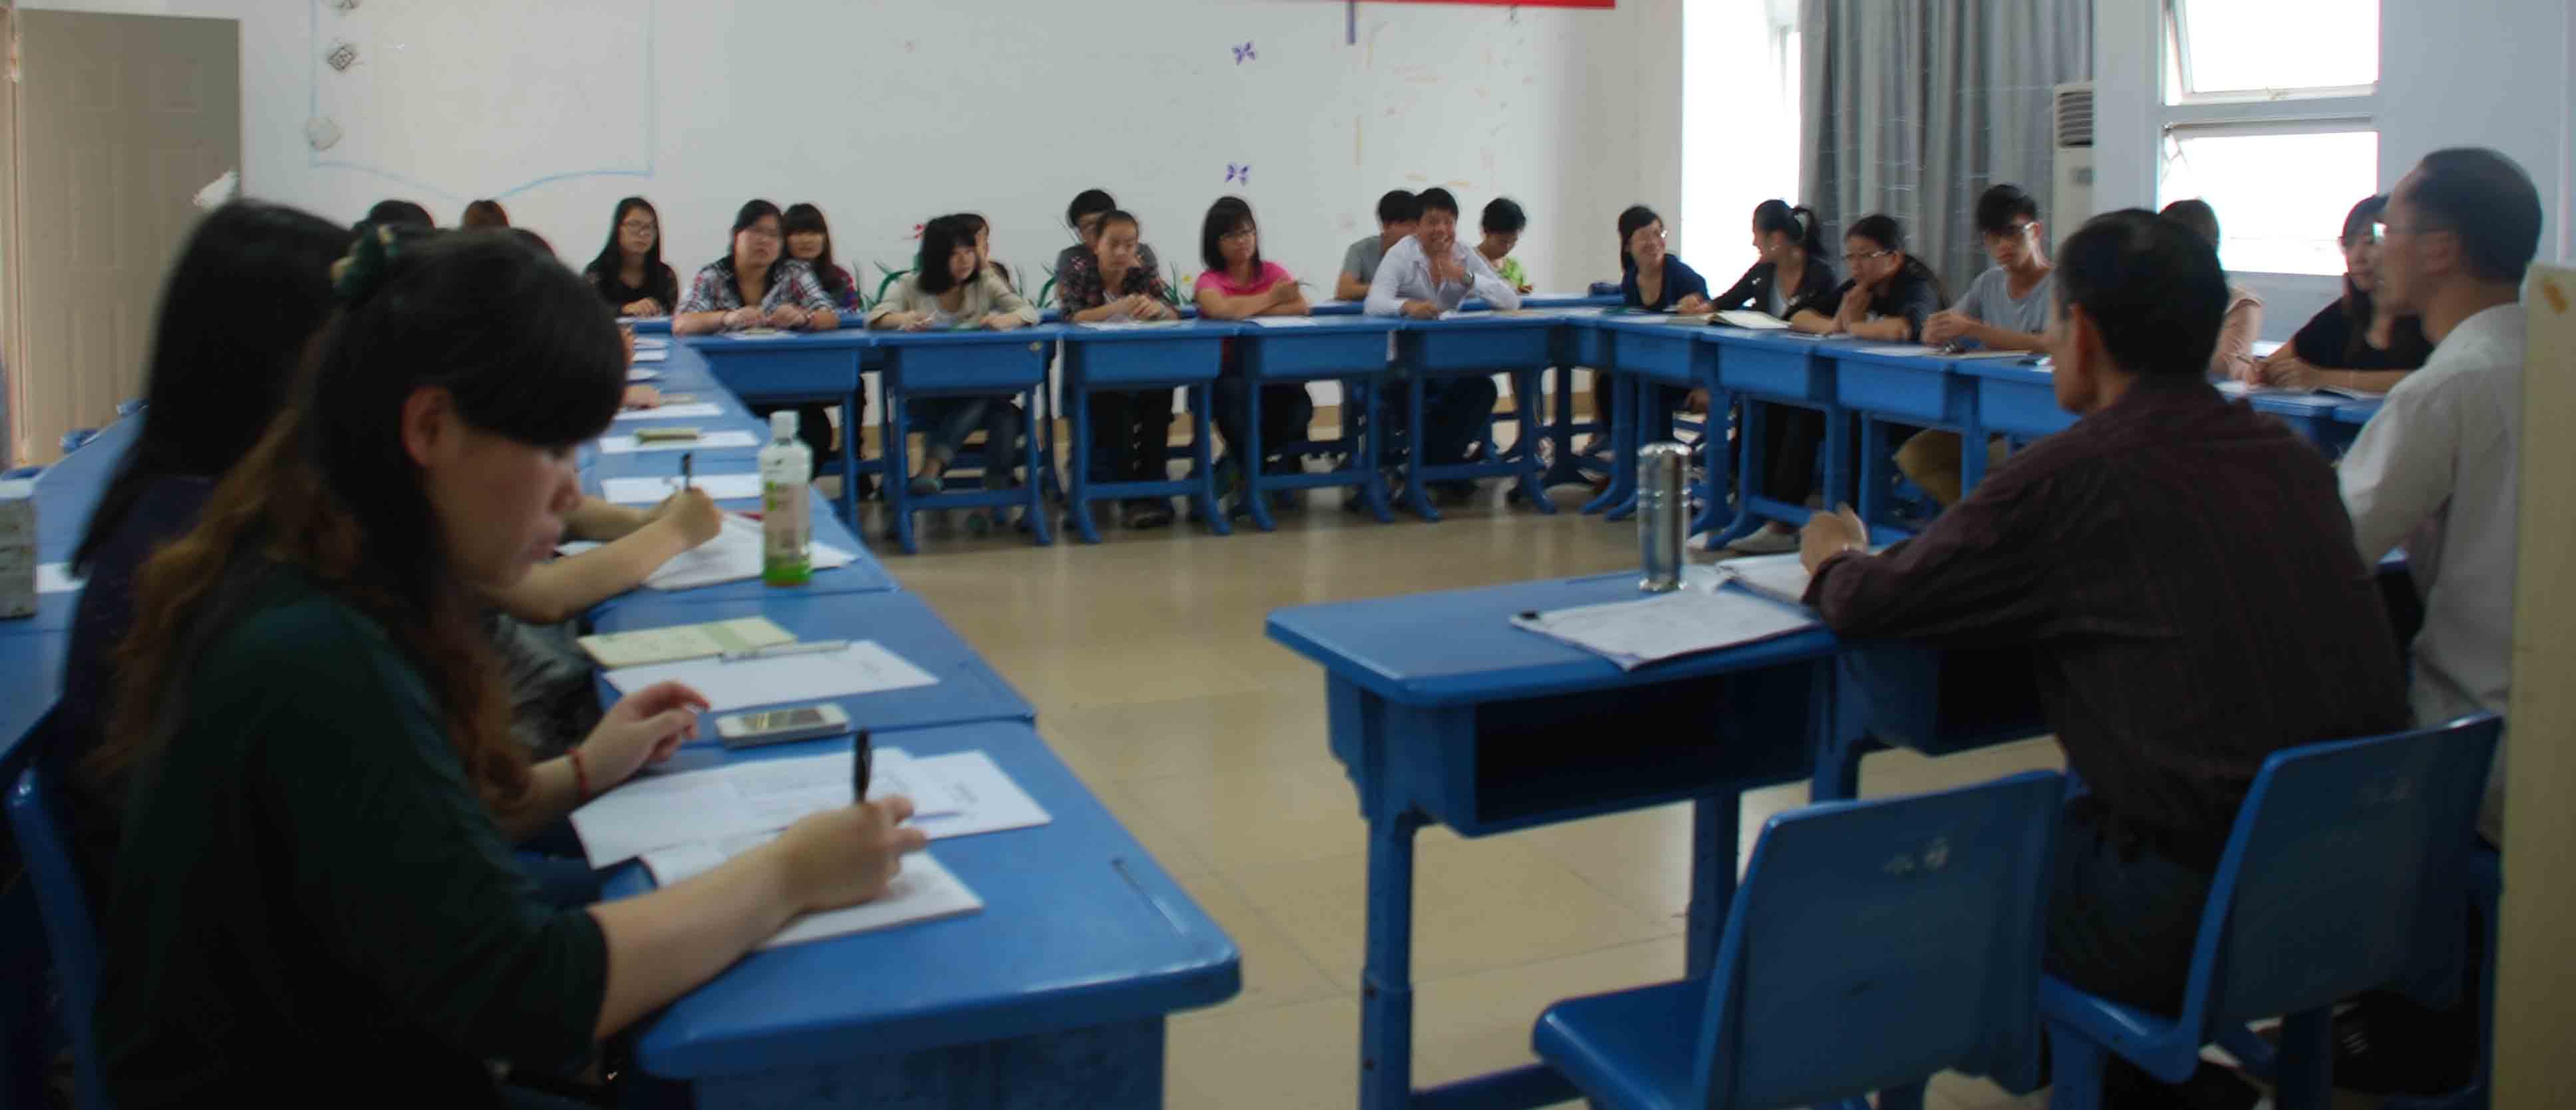 厦门东海职业技术学院-教务处